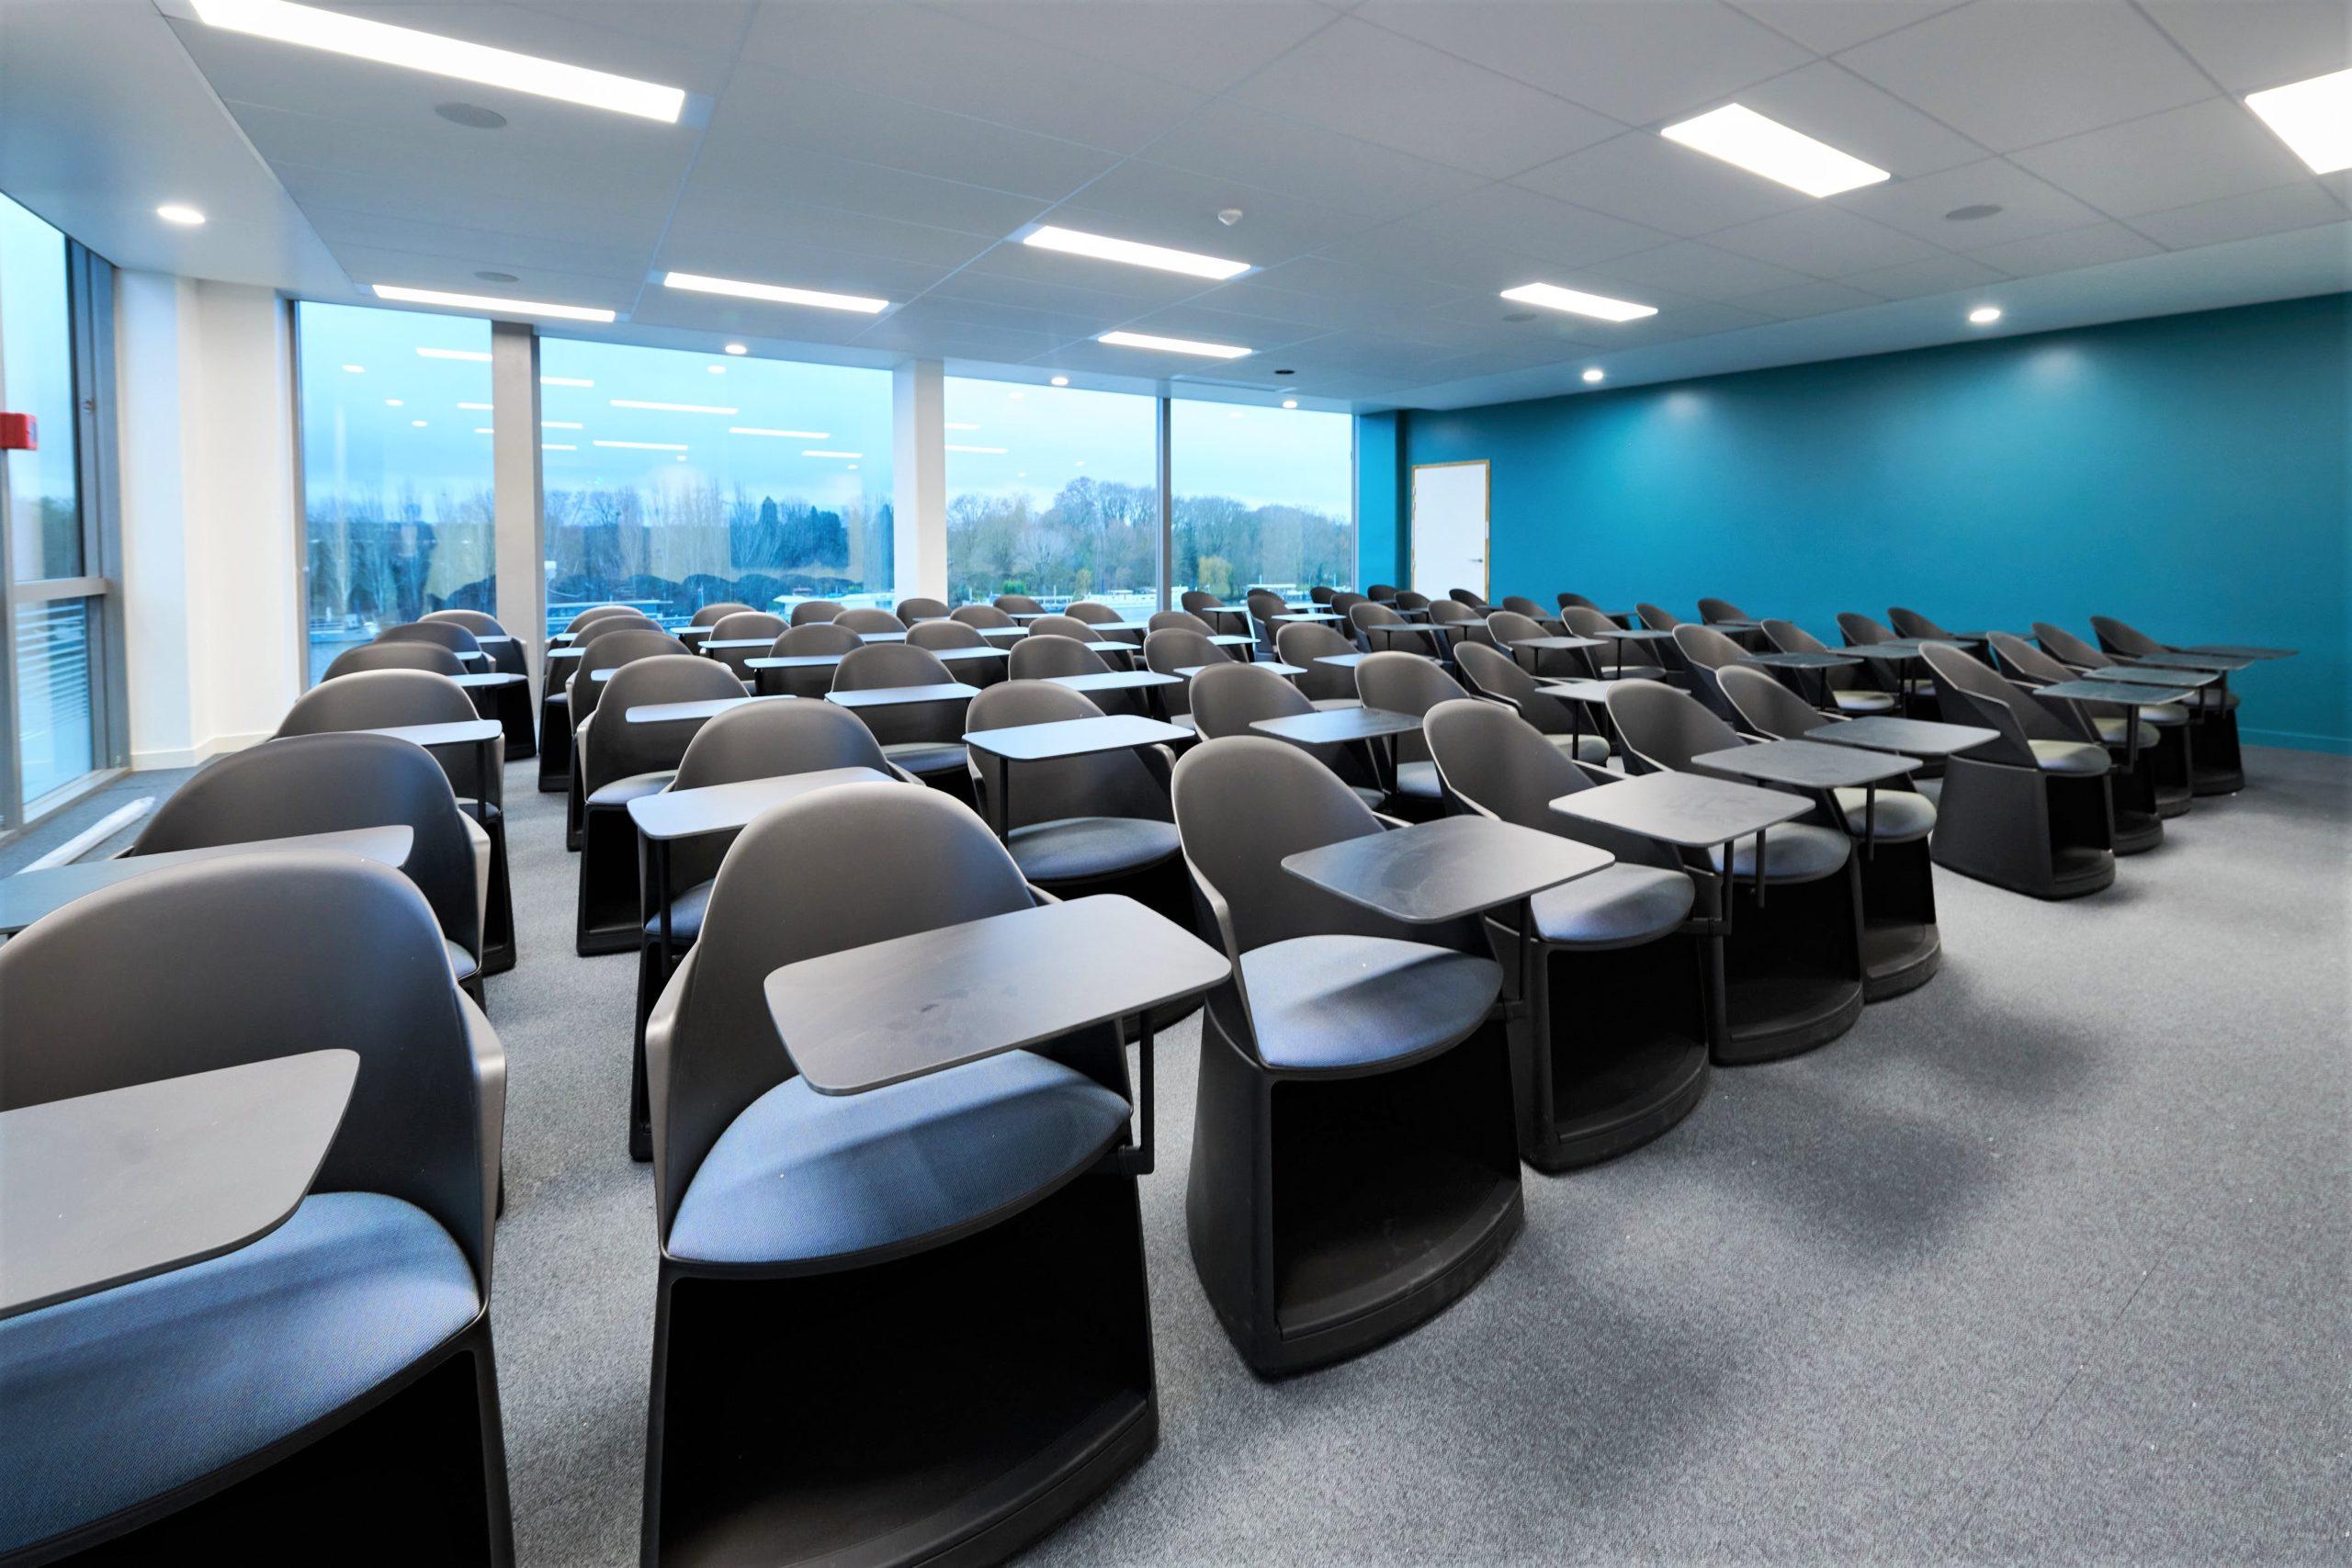 Skema-salle de classe-fauteuils sur roulettes avec tablette